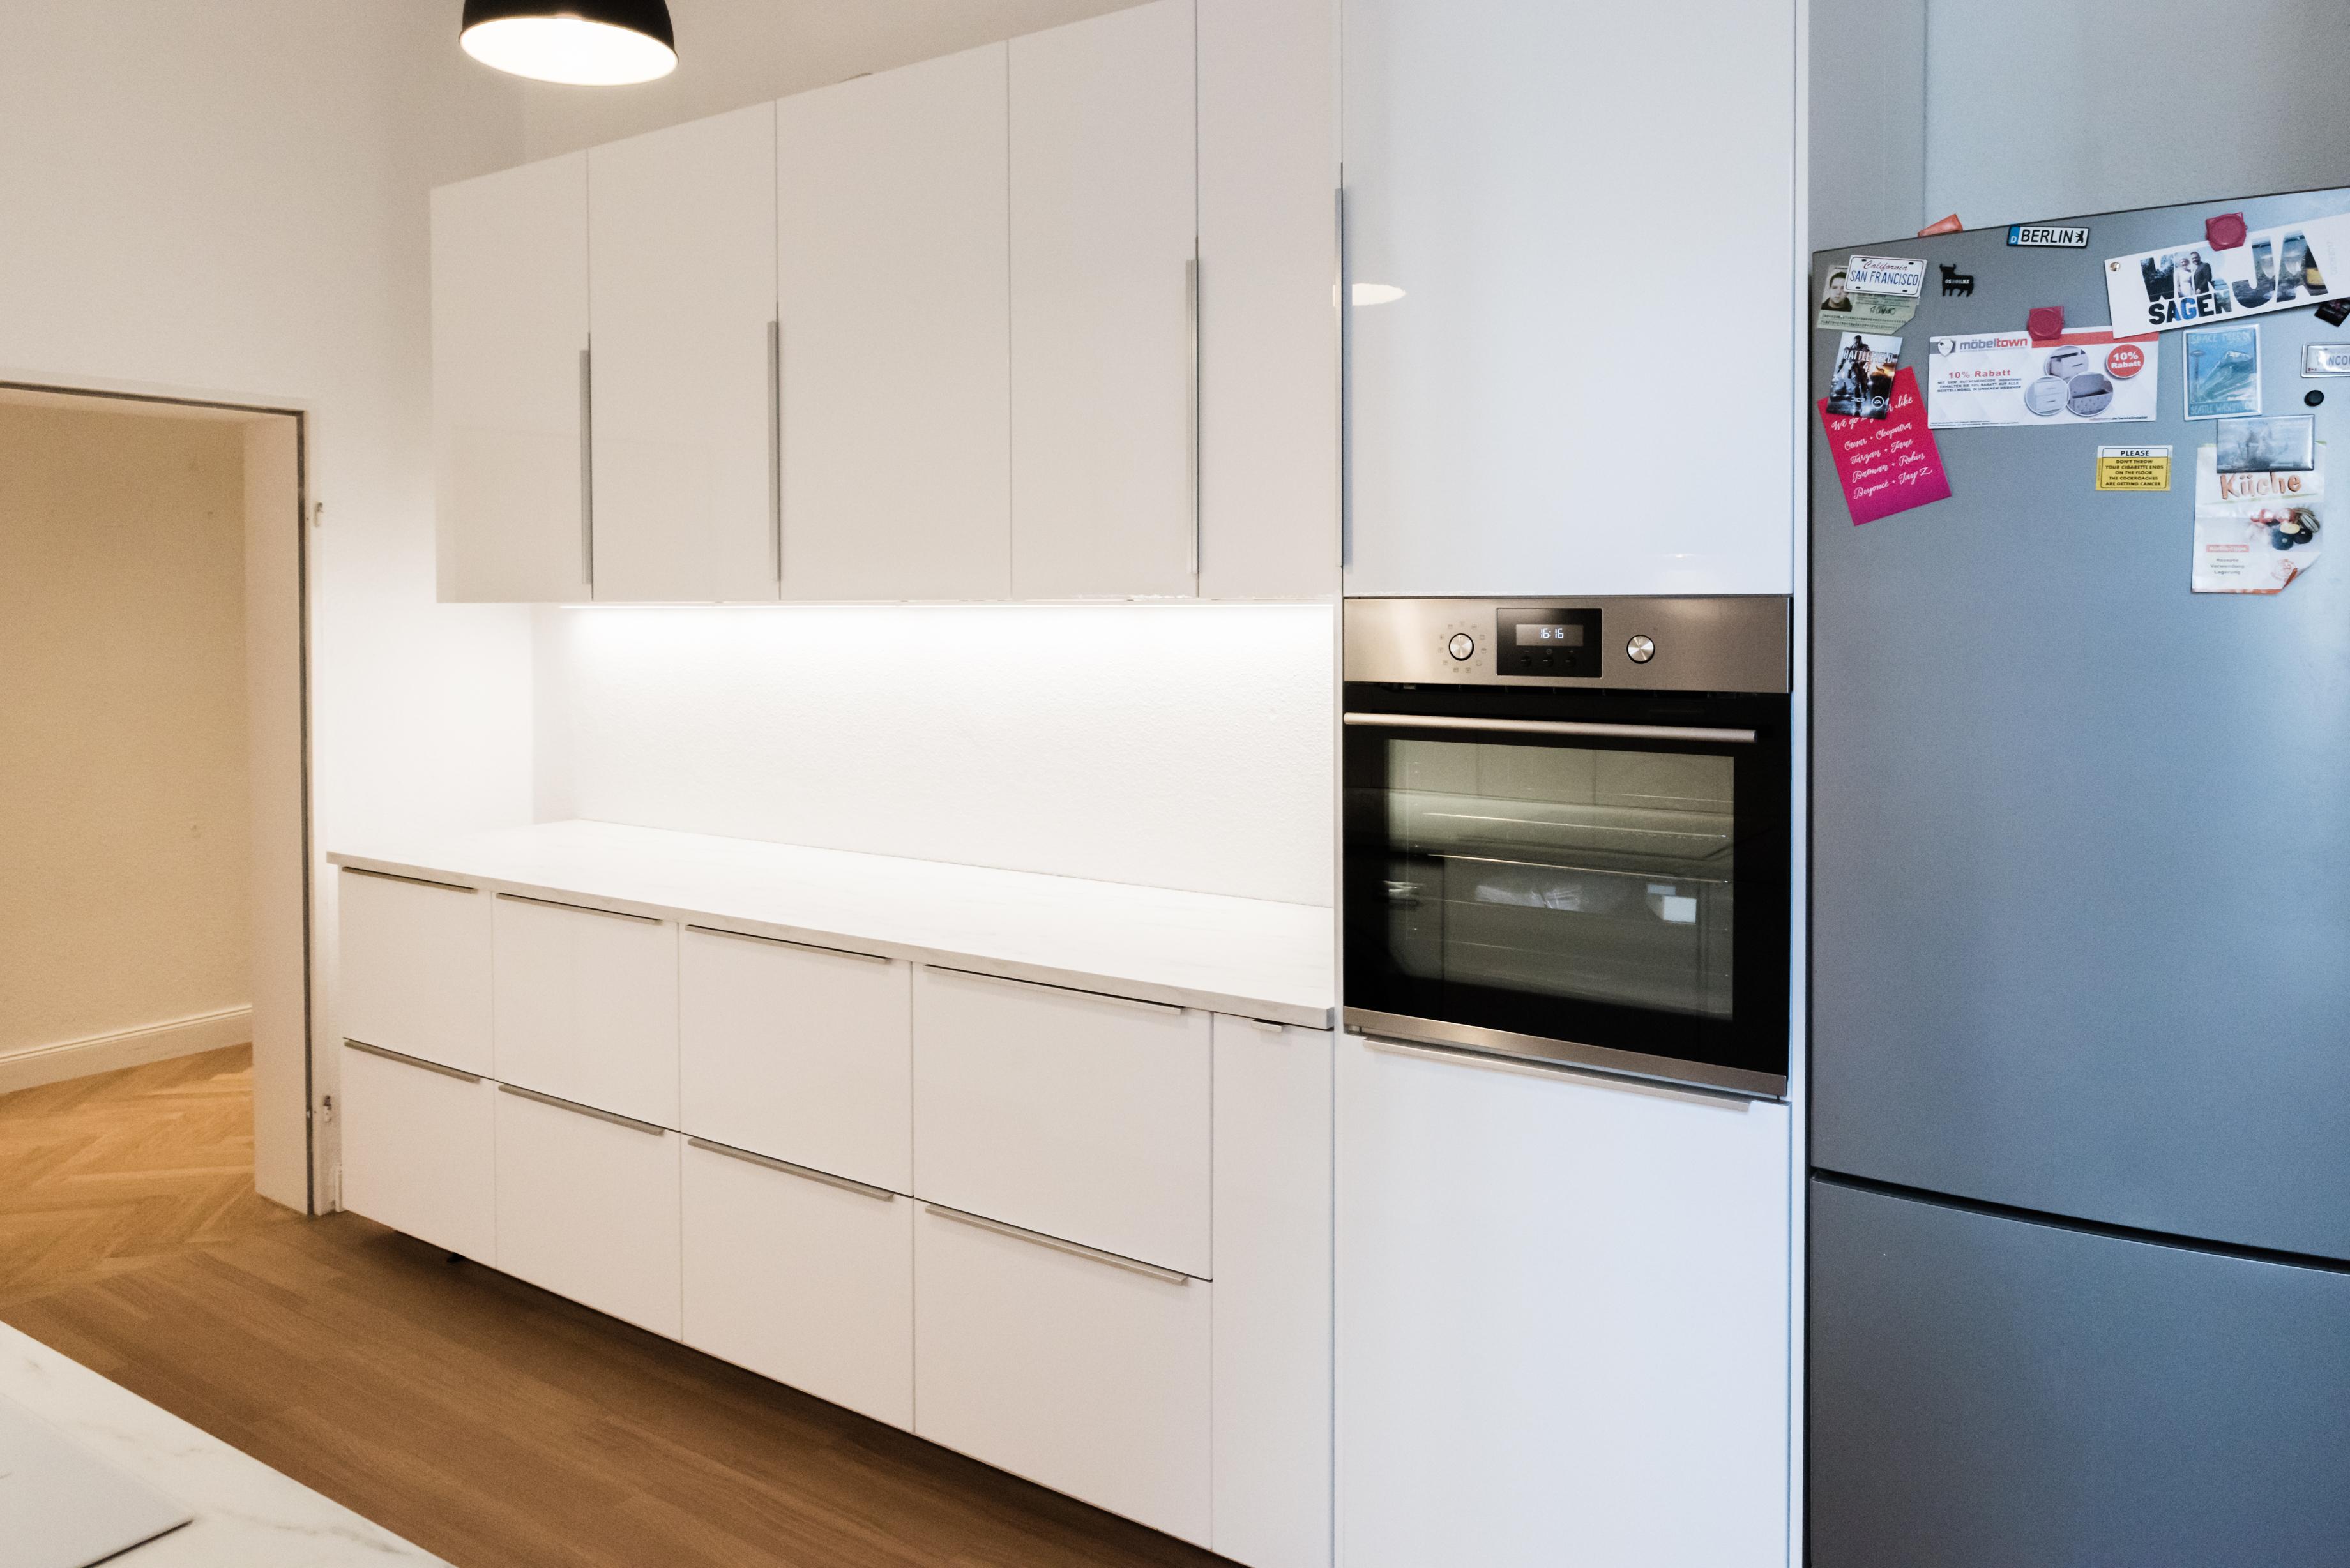 Küchenkauf - Ikea Metod - Unsere Erfahrungen - Lackomio